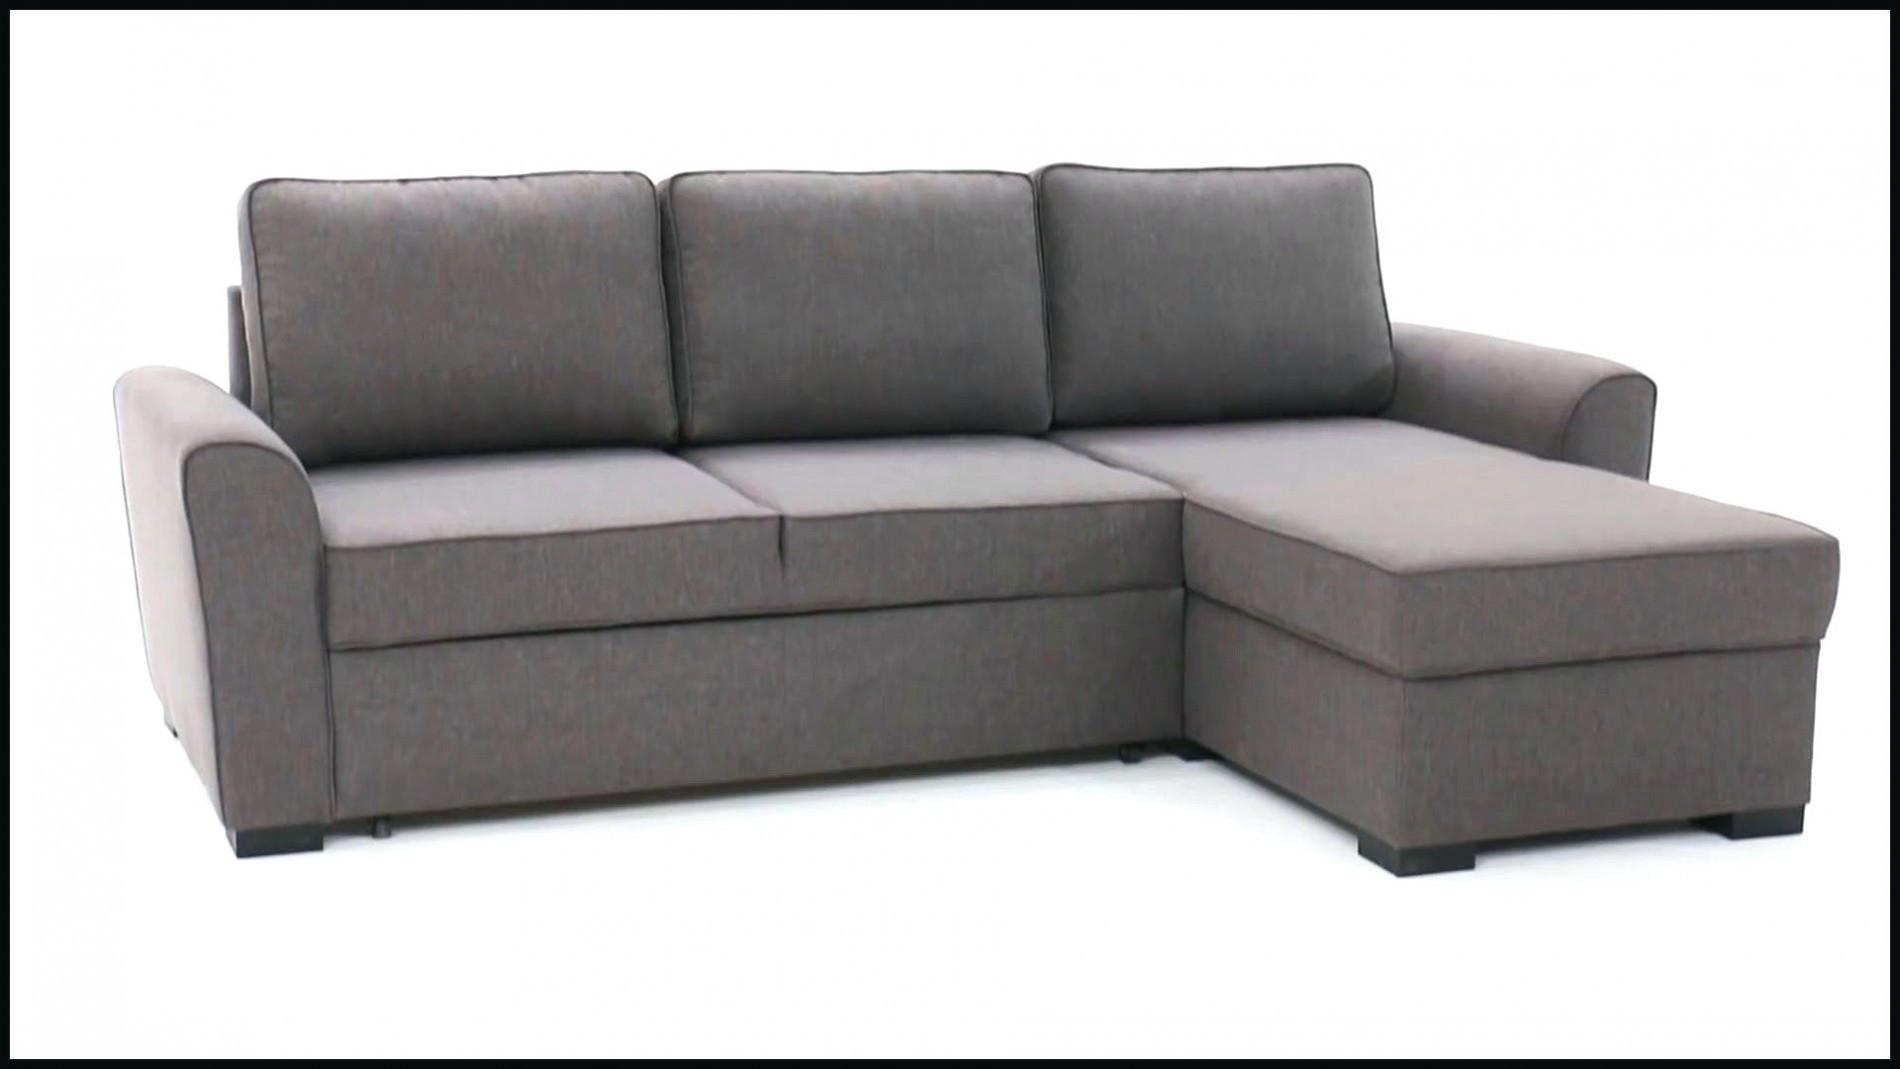 Canapé D Angle Ikea Convertible Élégant Photos La Charmant Choisir Un Canapé Conception  Perfectionner La G Te